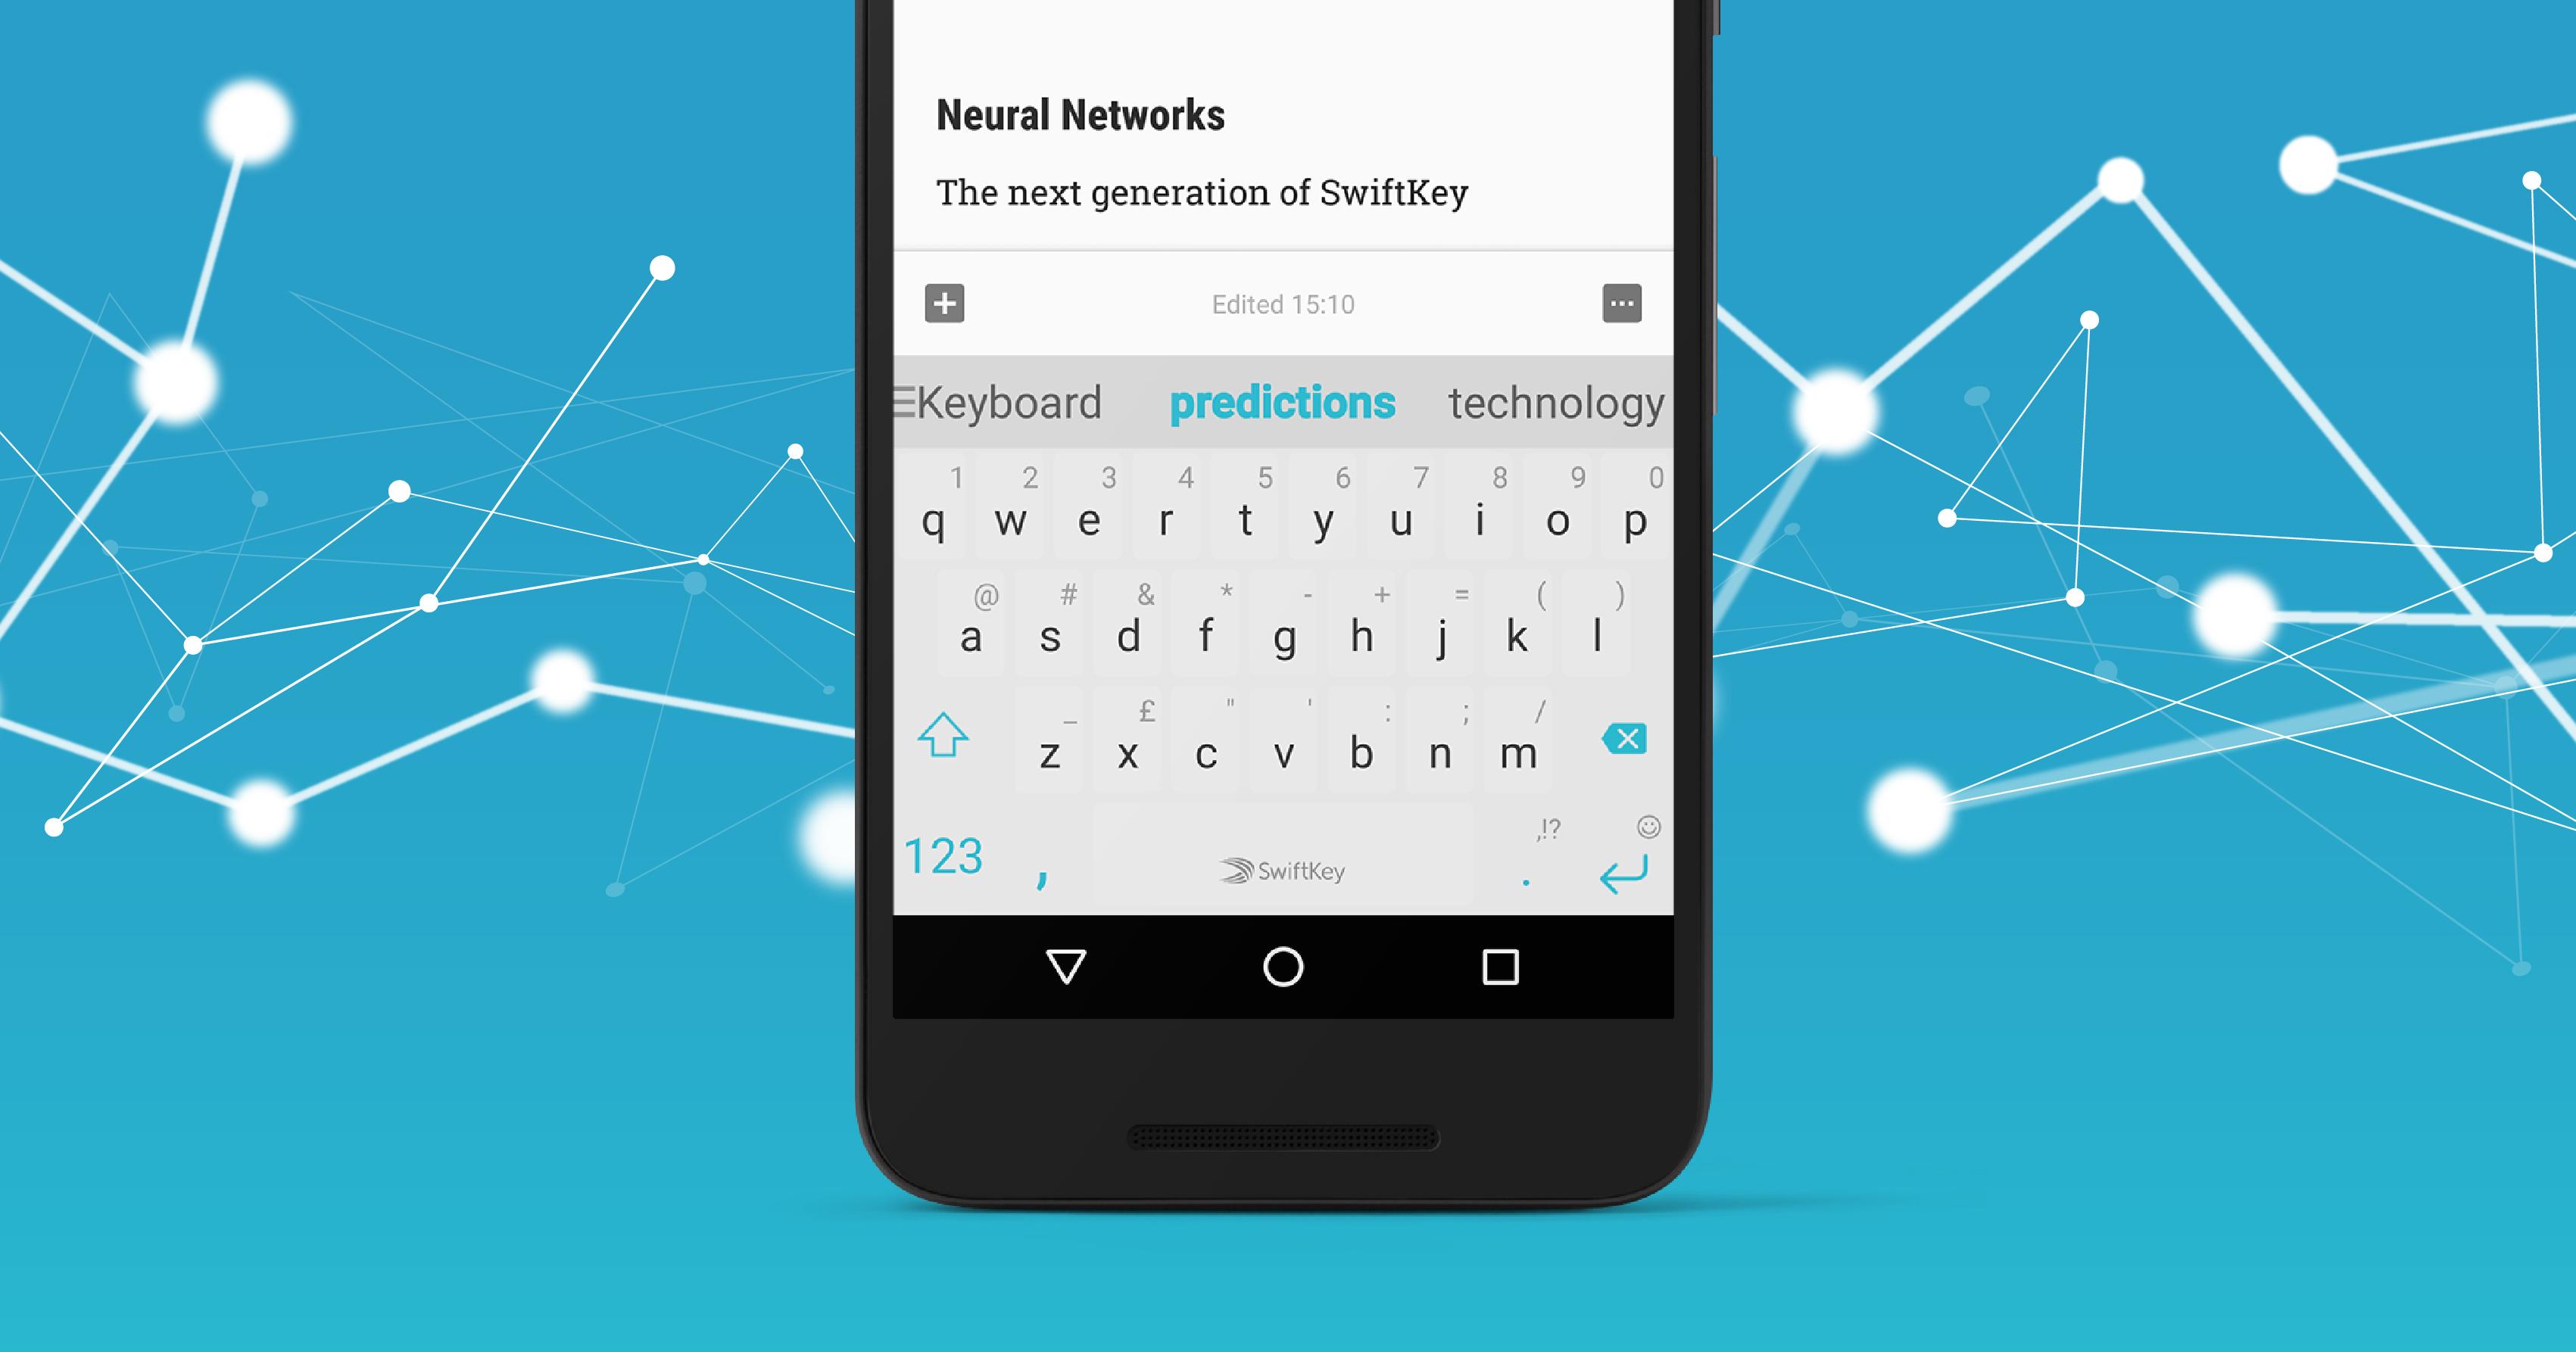 Klávesnice Swiftkey bude nově poháněna neuronovou sítí